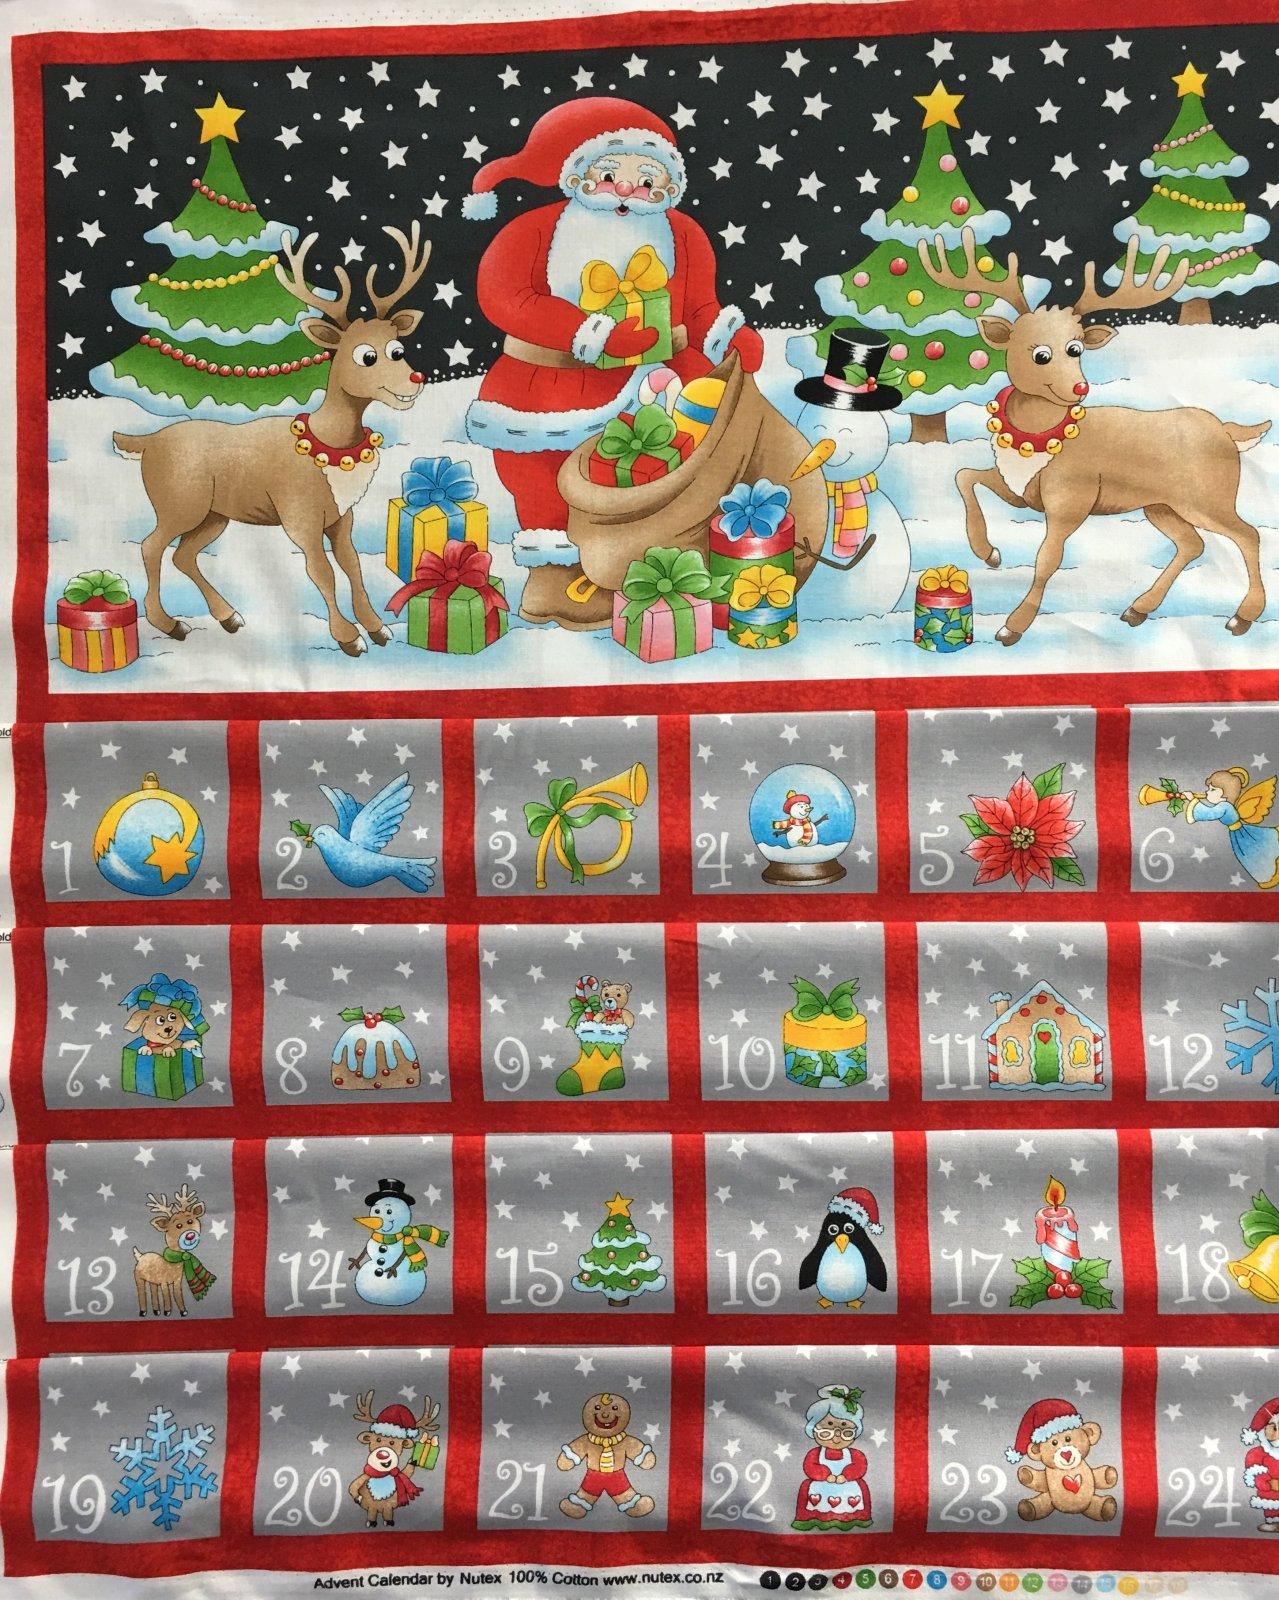 Christmas Advent Calendar Santa with reindeer